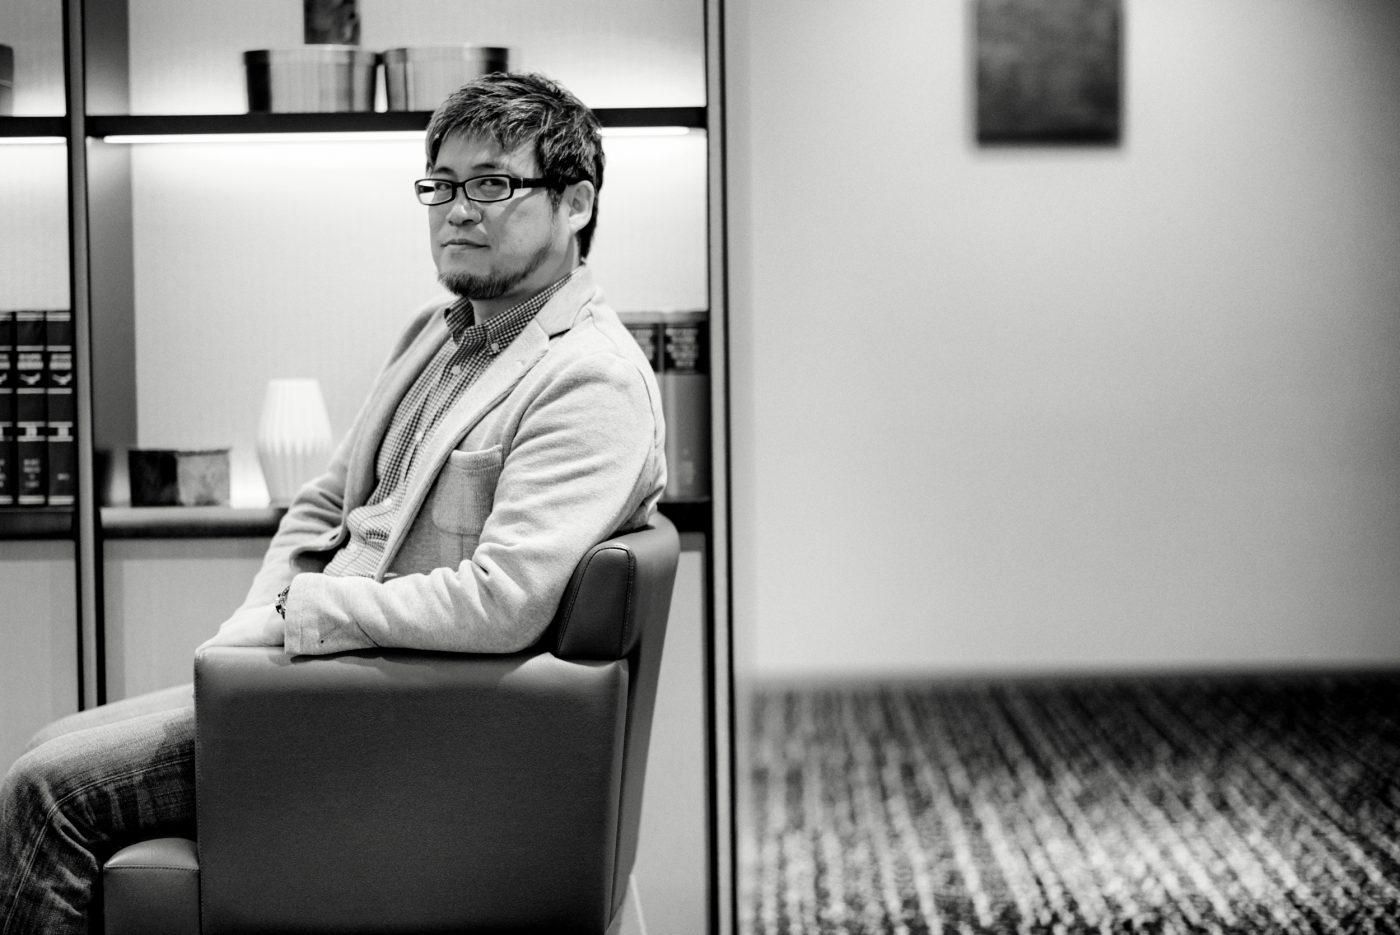 【インタビュー】「コミュニティリーダー」を巻き込み、ファンを増やしていく――小島英揮(後編)